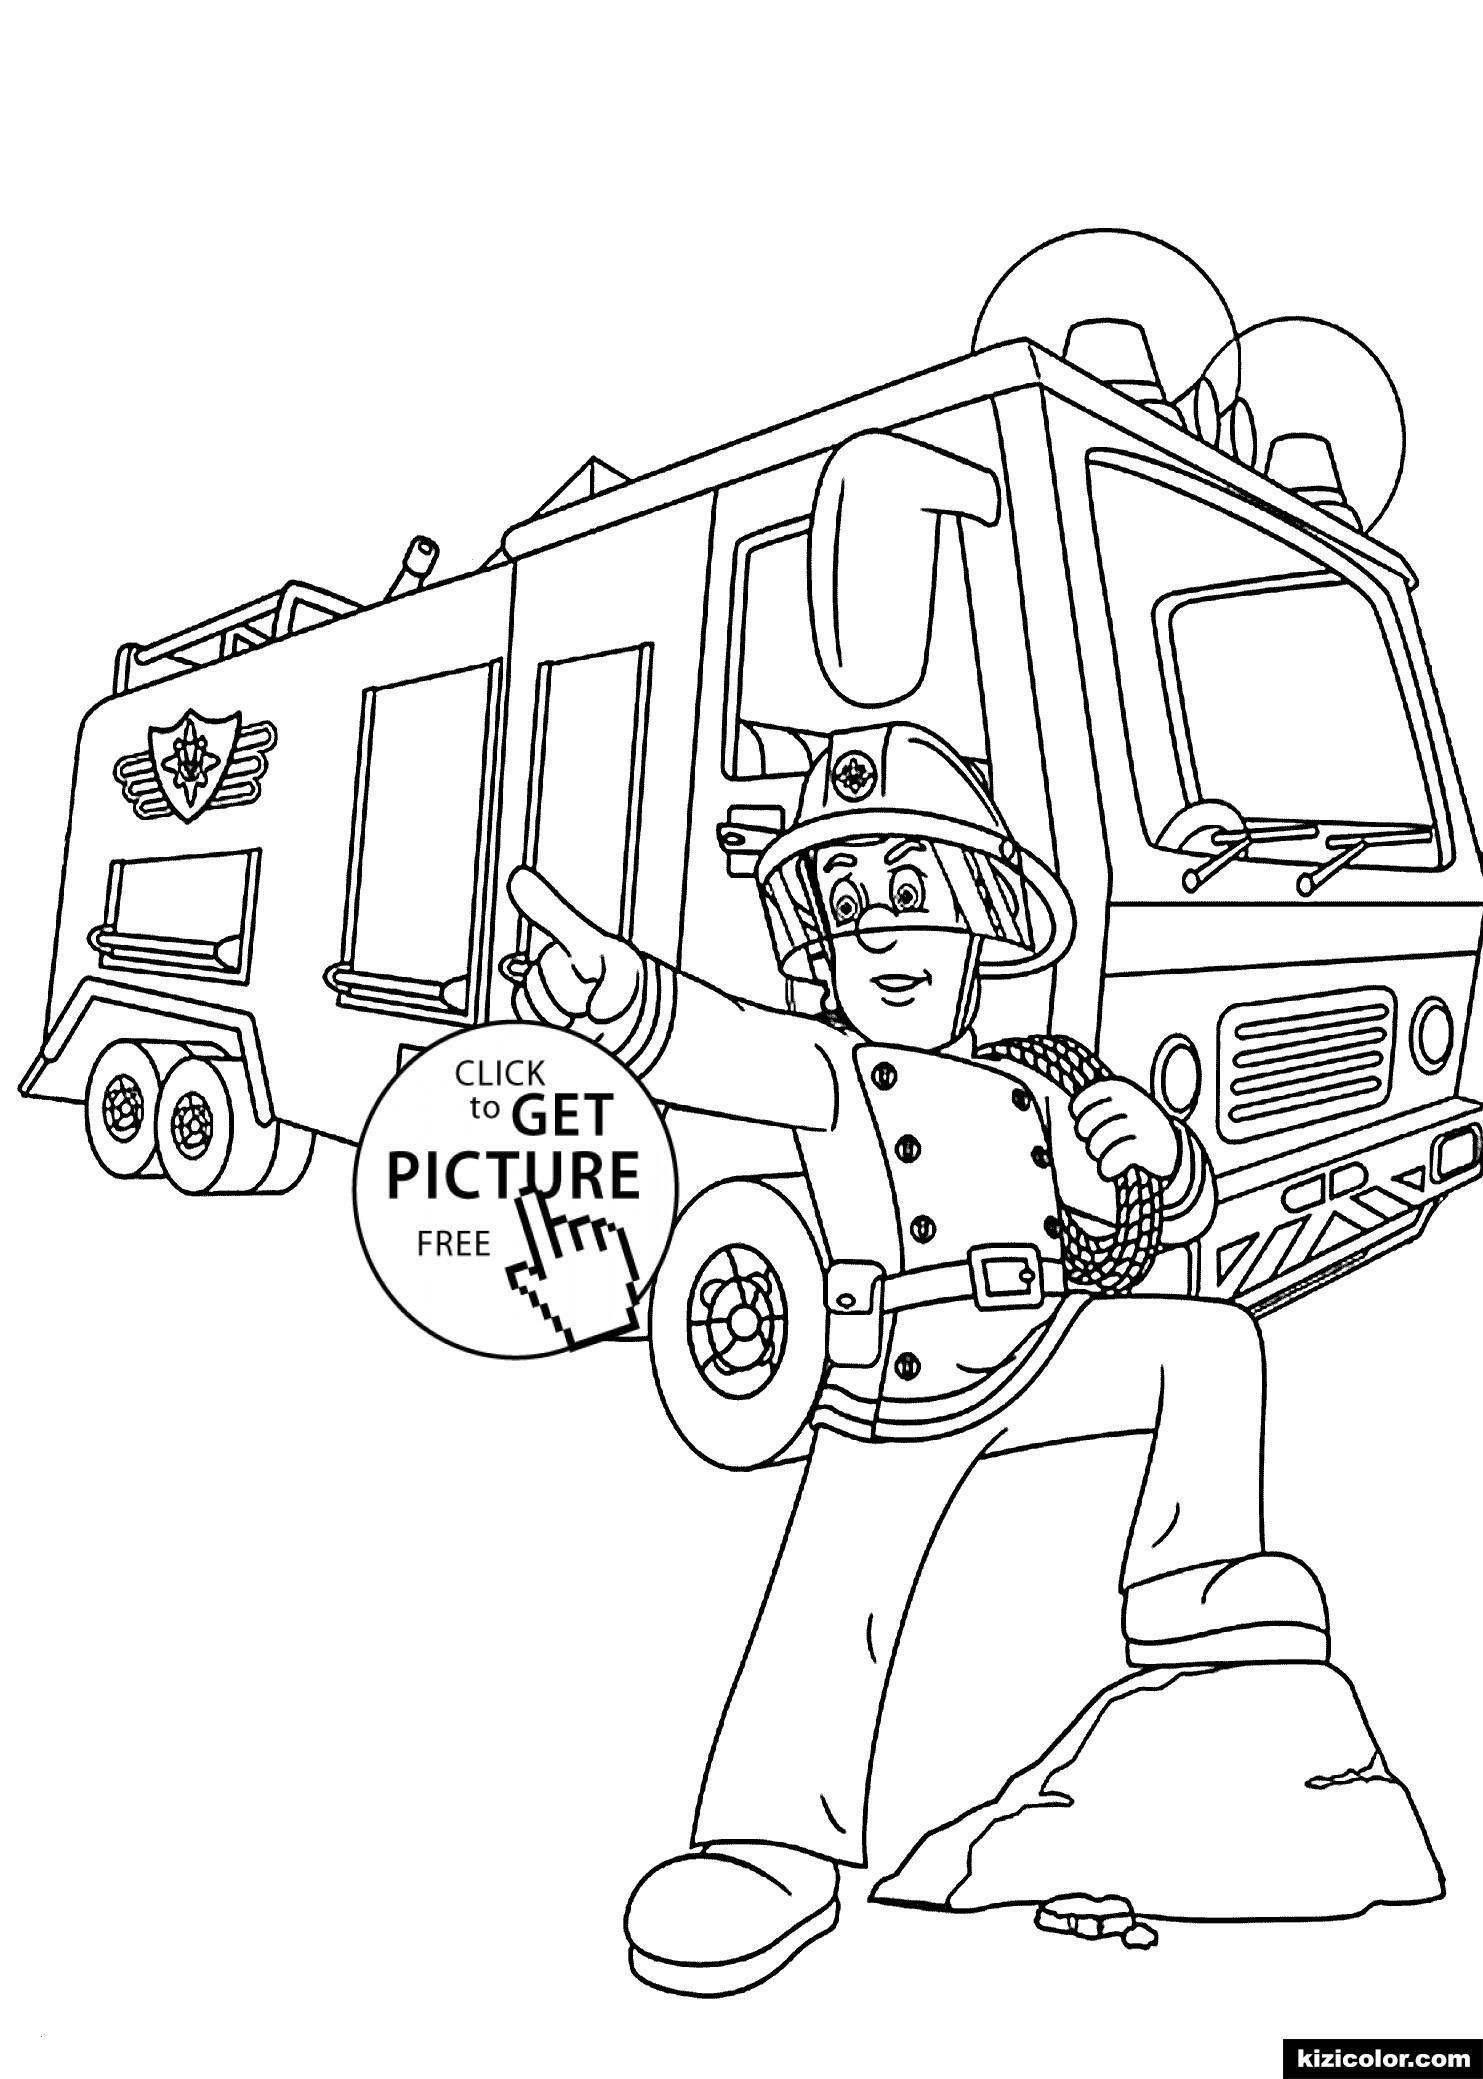 Feuerwehrmann Sam Ausmalbilder Zum Ausdrucken Frisch Feuerwehr Malbuch Bewundernswert 32 Feuerwehrmann Sam Ausmalbilder Stock